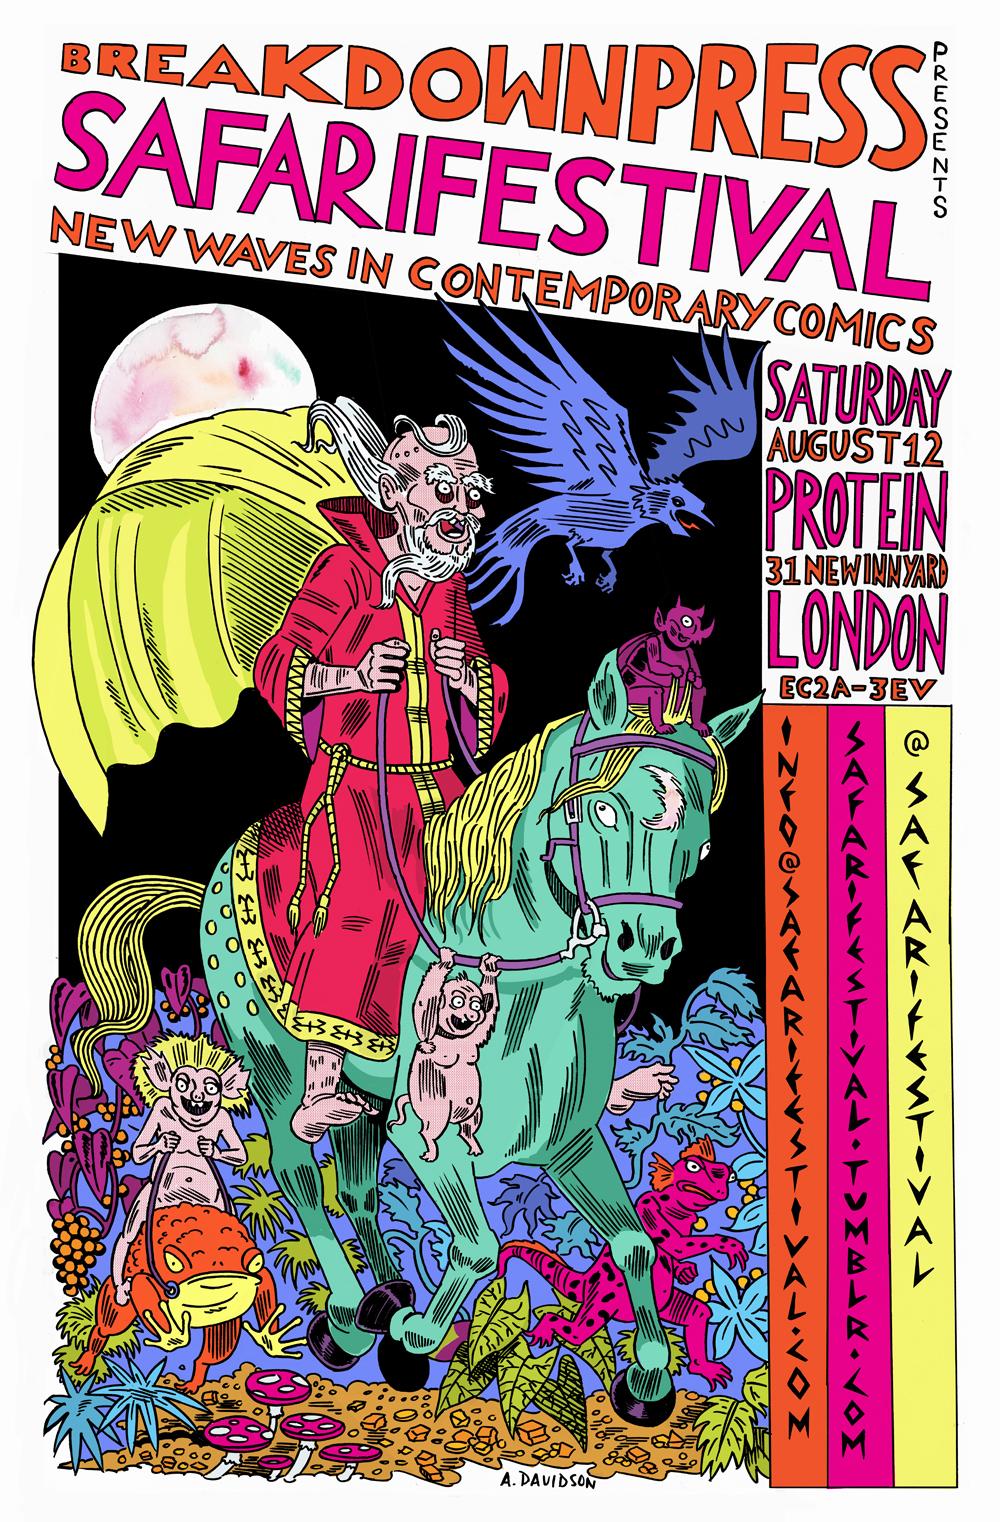 Safari Festival Poster.jpg